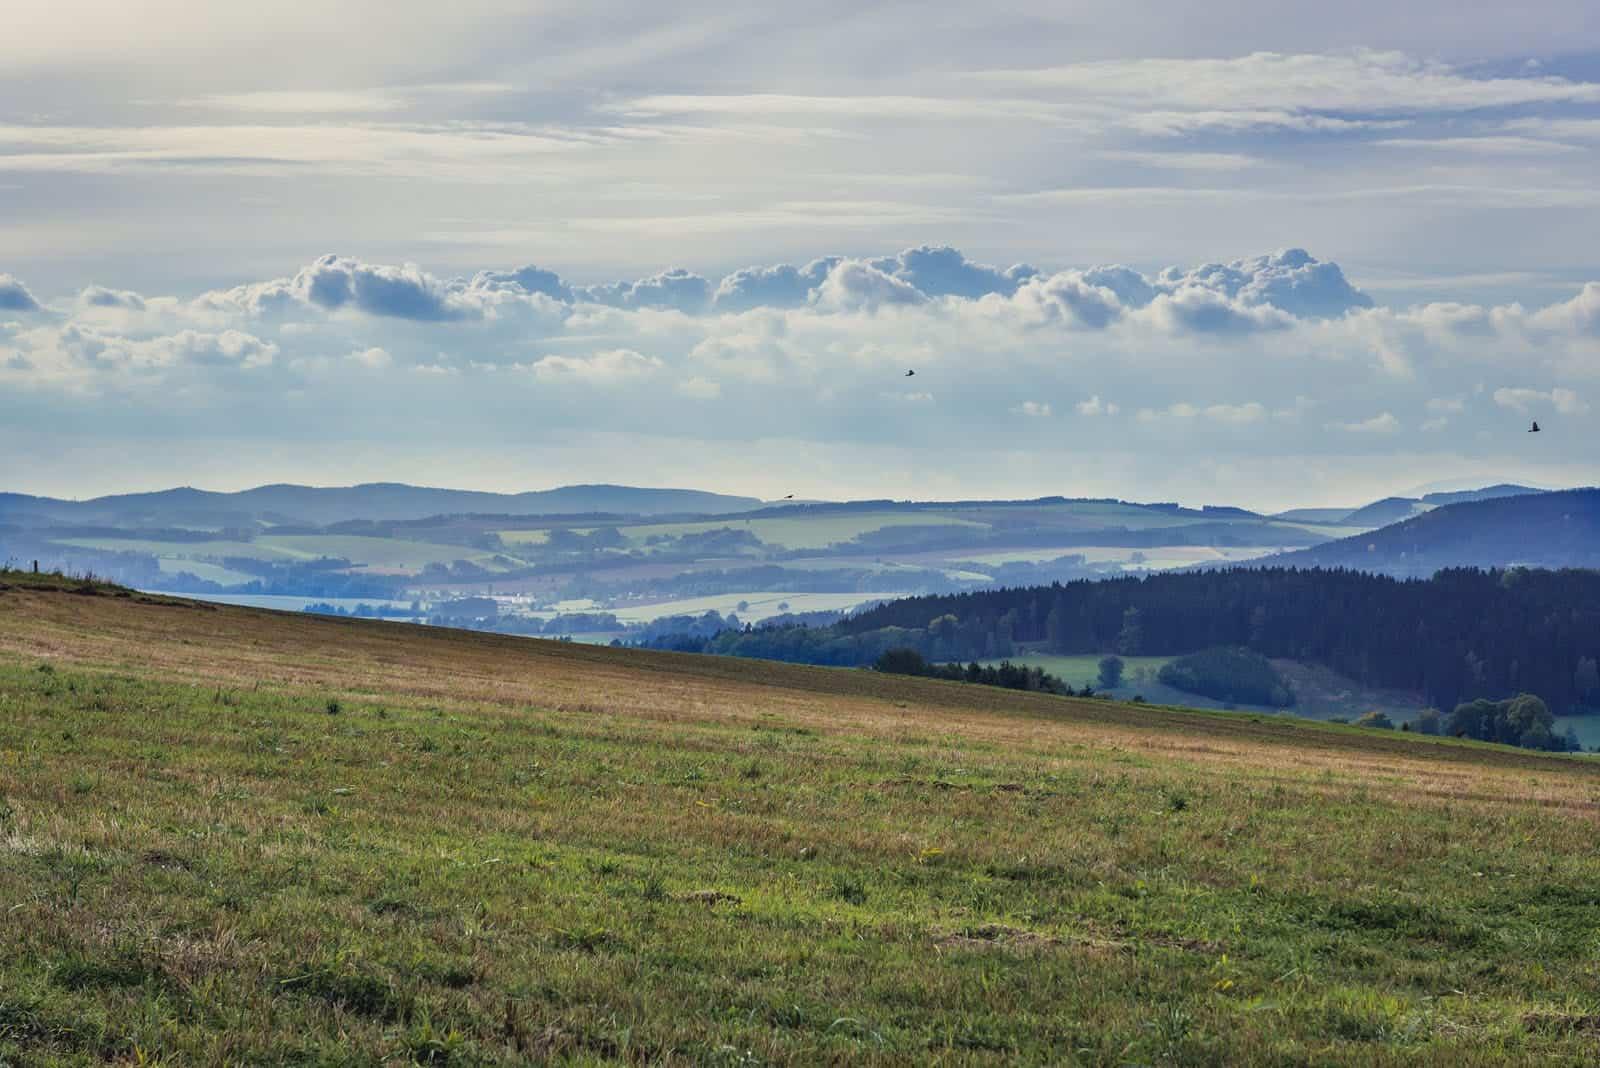 Broumovská panoramata